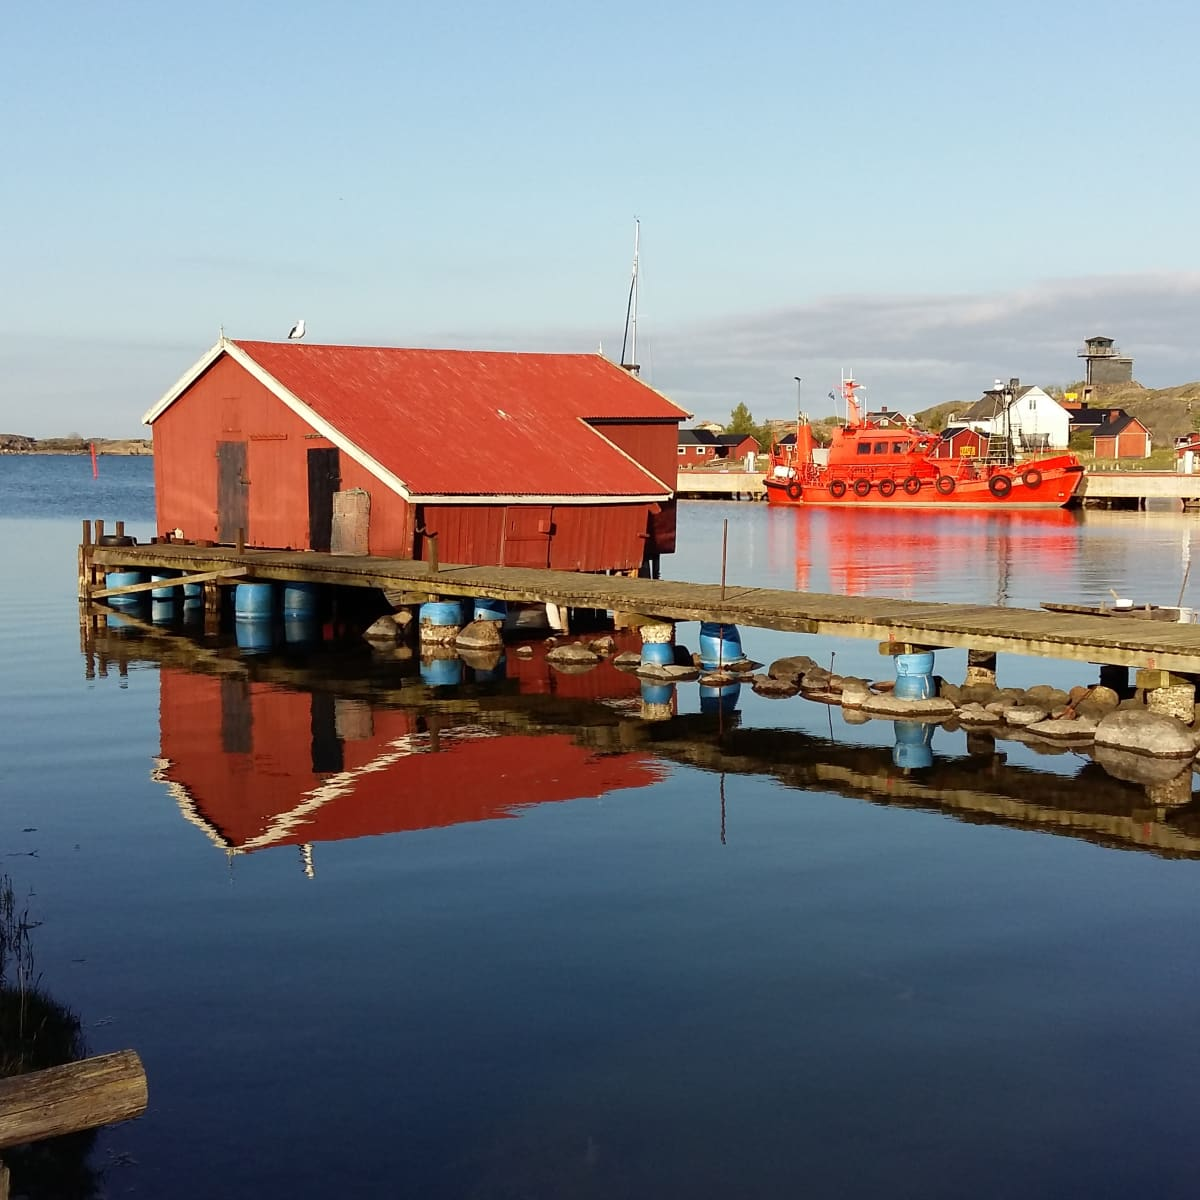 Hamnen i Utö med båthus och en lotskutter som speglas i vattnet.